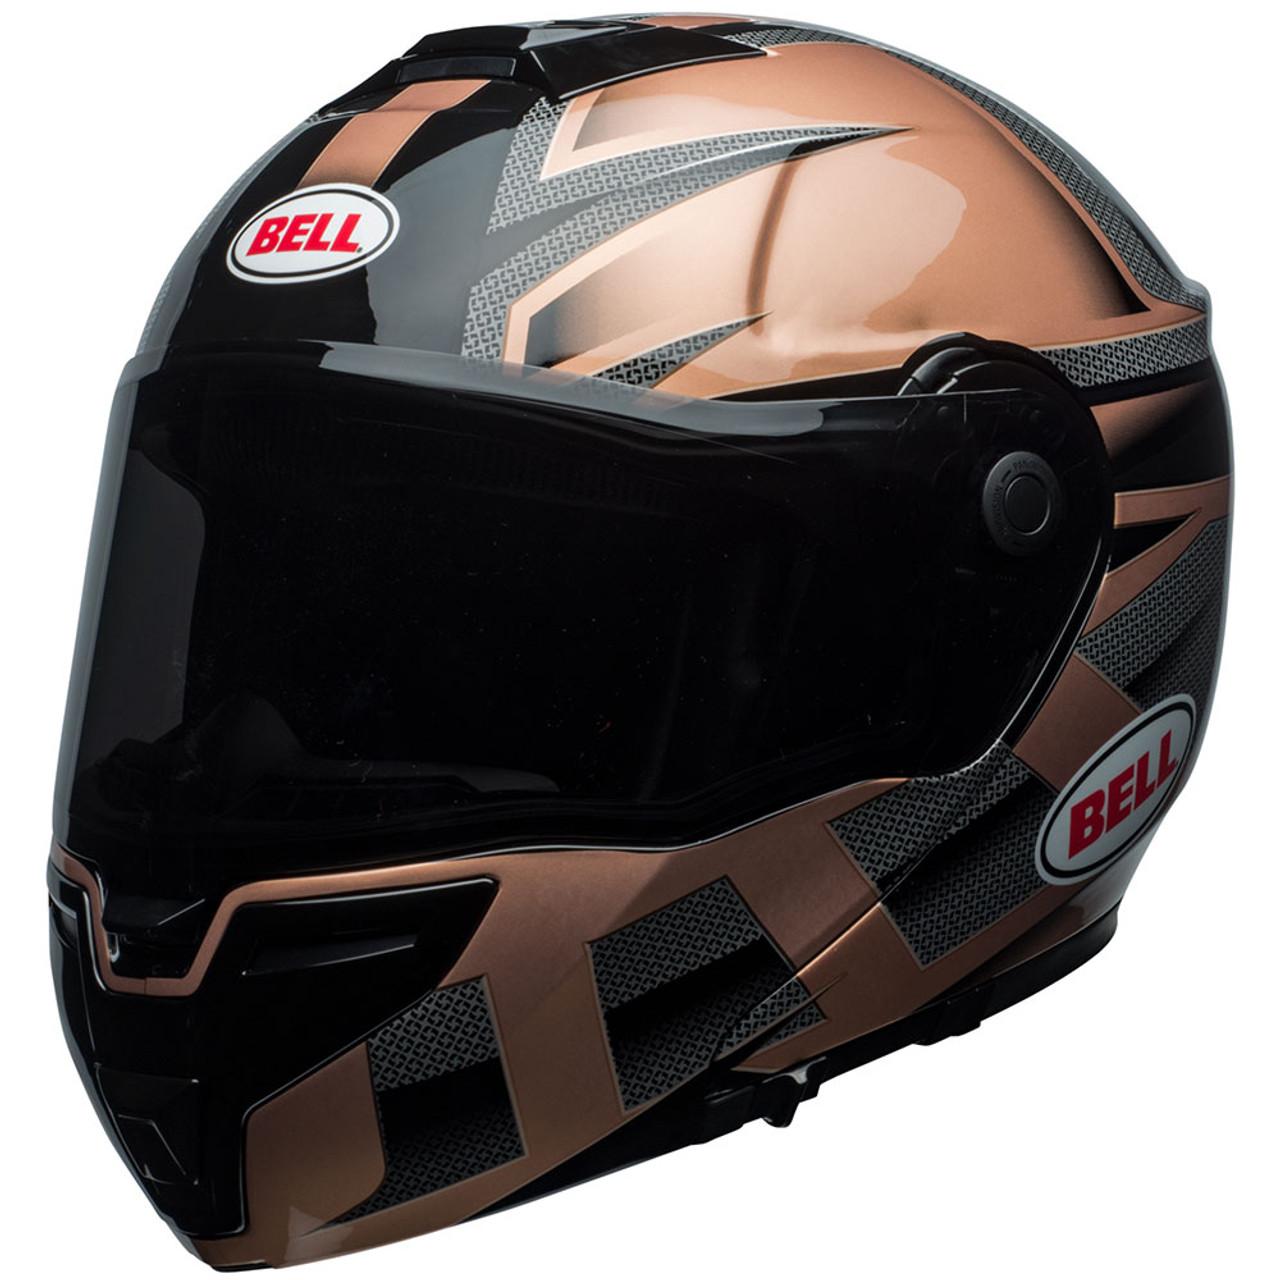 Bell Srt Modular Motorcycle Helmet Gloss Copper Black Predator